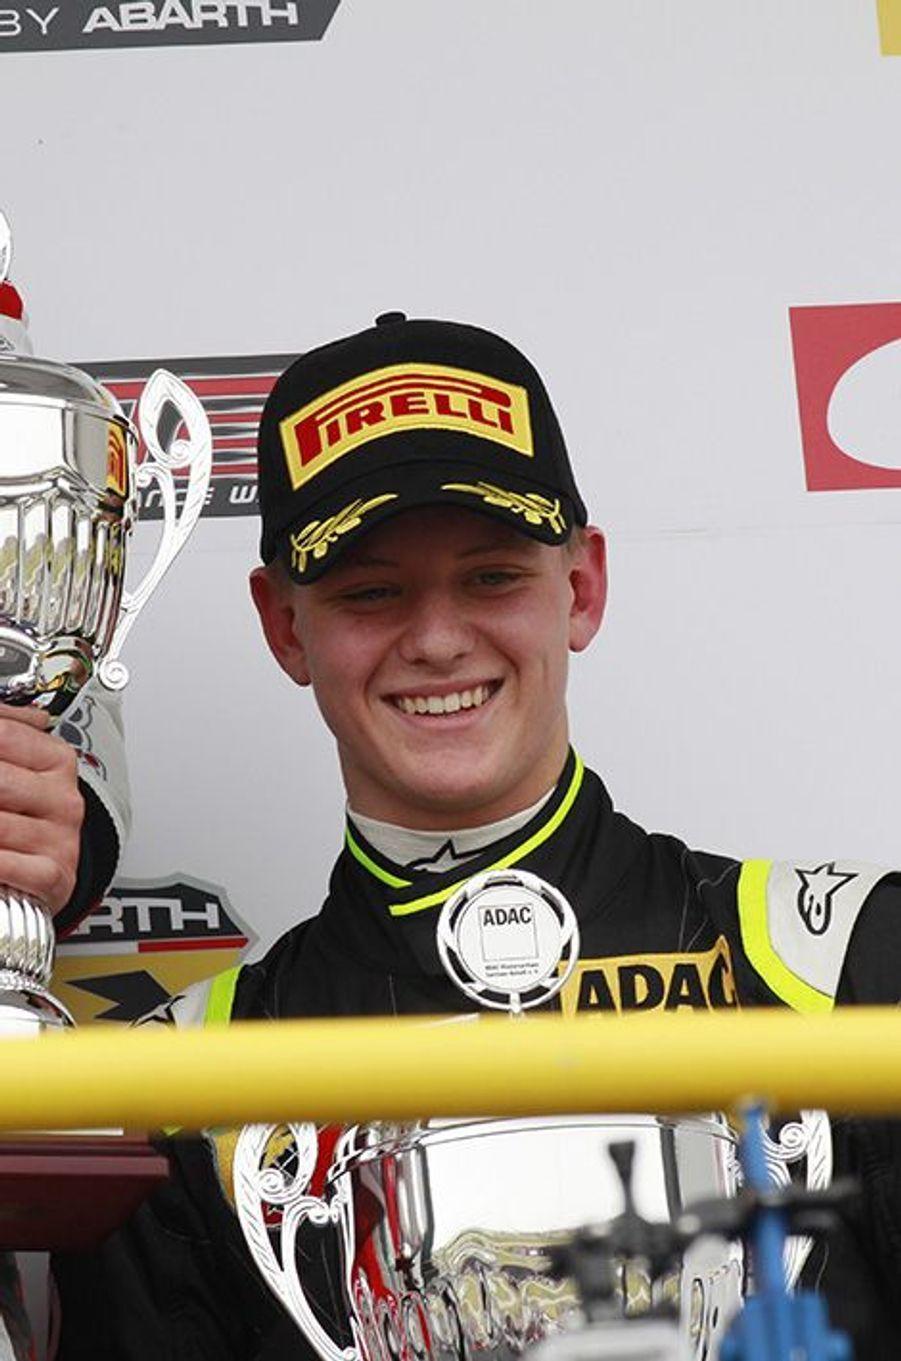 Le fils de Michael Schumacher a été élu meilleur débutant en Formule 4